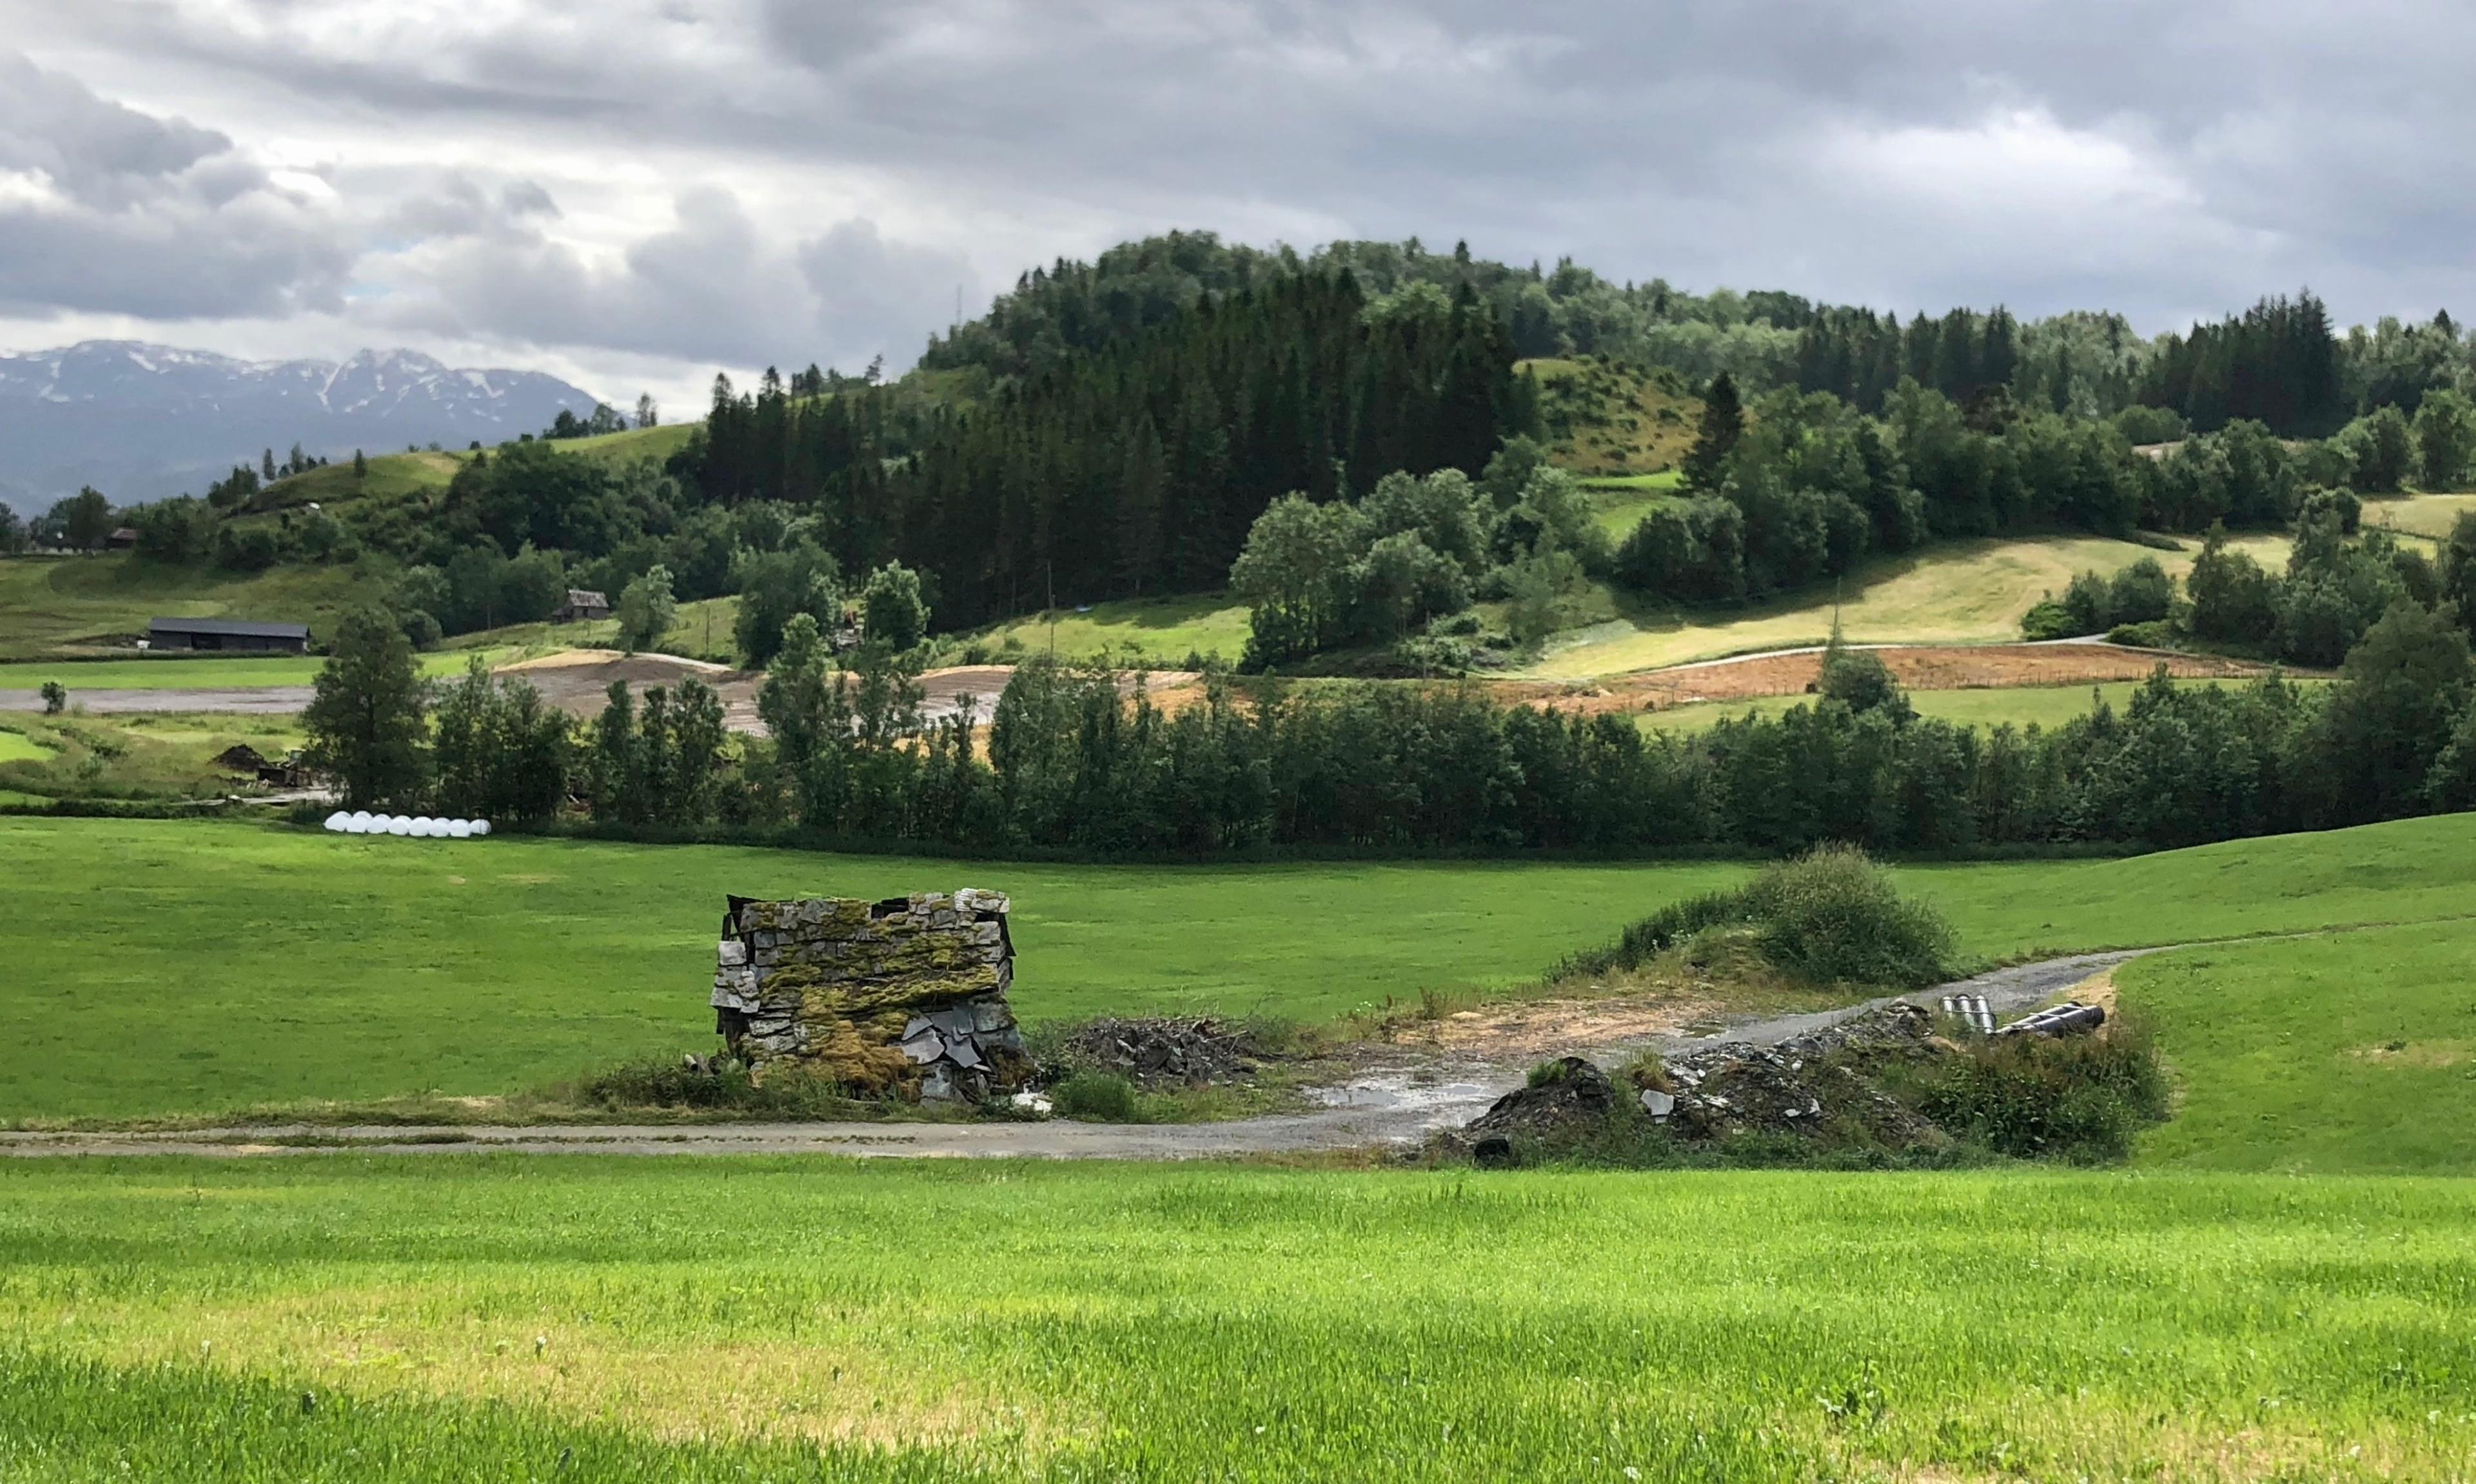 Oystese, Kvam, Vestland, Noorwegen